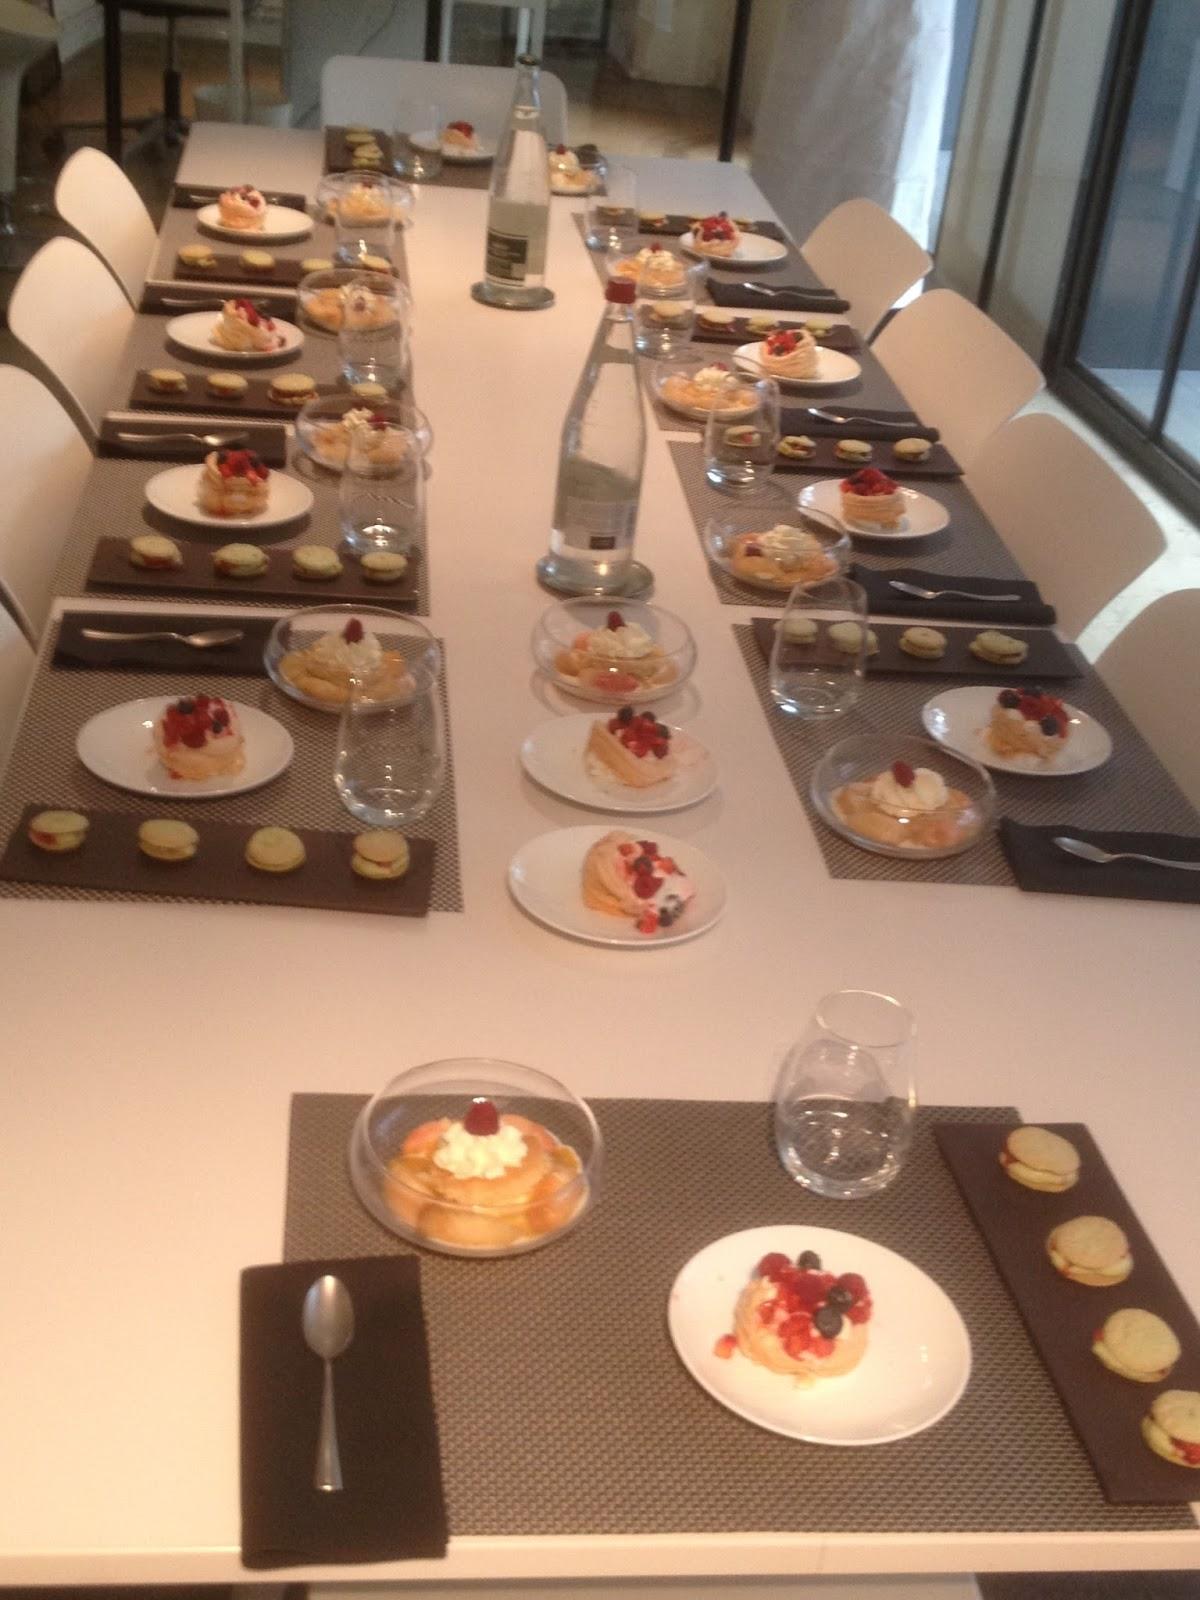 Lundi p tisserie cours de cuisine chez cyril lignac Cours de cuisine paris cyril lignac